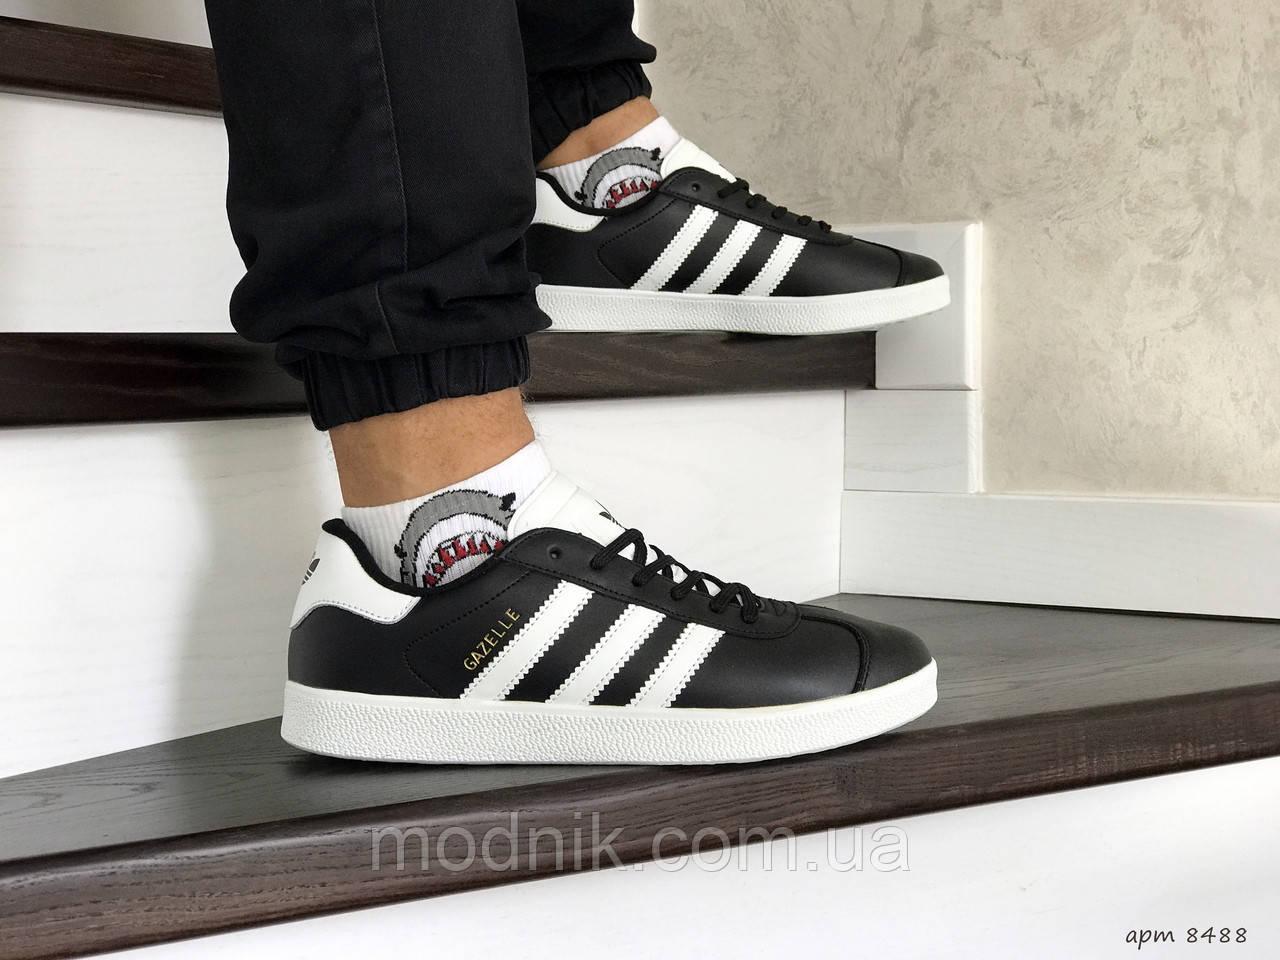 Мужские кроссовки Adidas Gazelle (черно-белые)